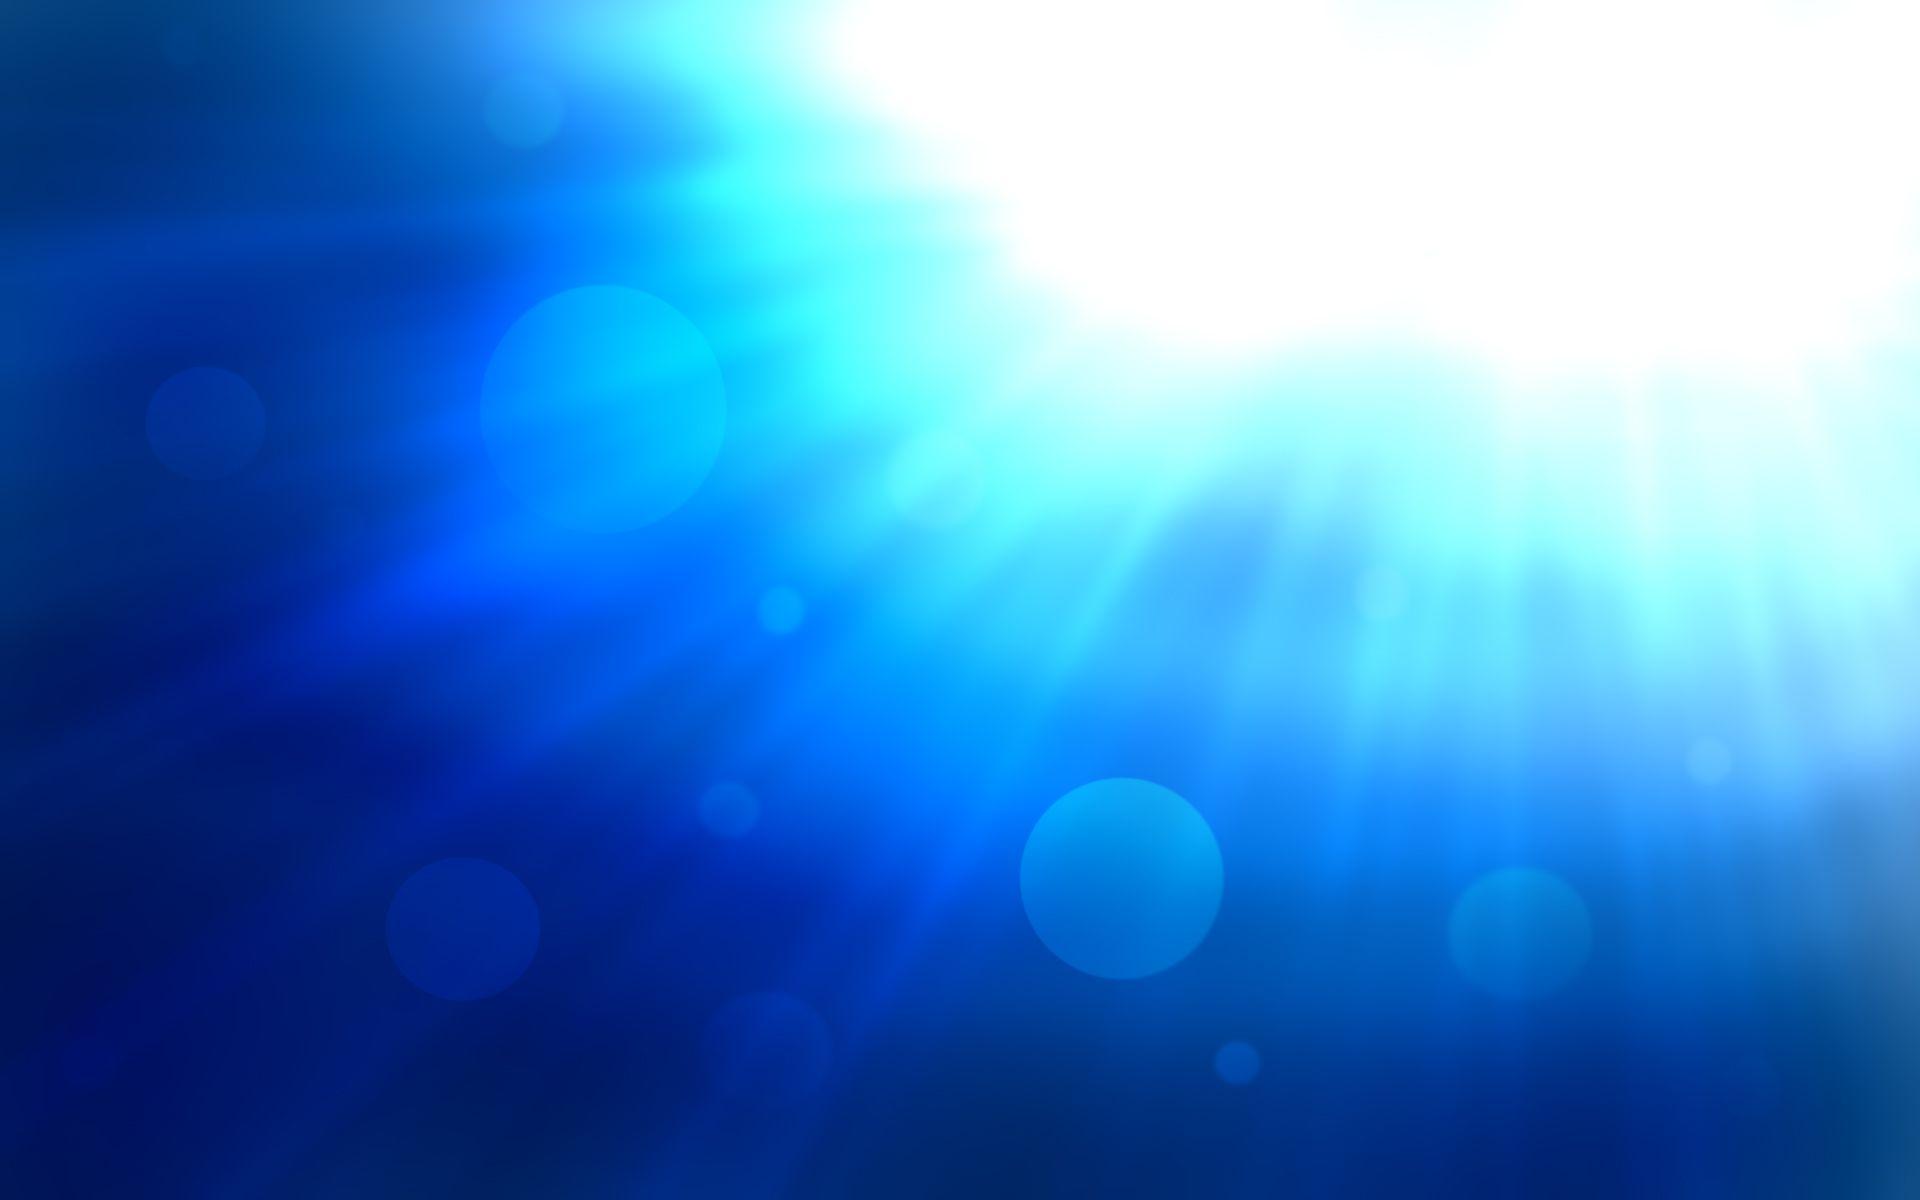 Fondos azules abstractos gratis para fondo celular en hd 18 hd fondos azules abstractos gratis para fondo celular en hd 18 hd wallpapers voltagebd Gallery